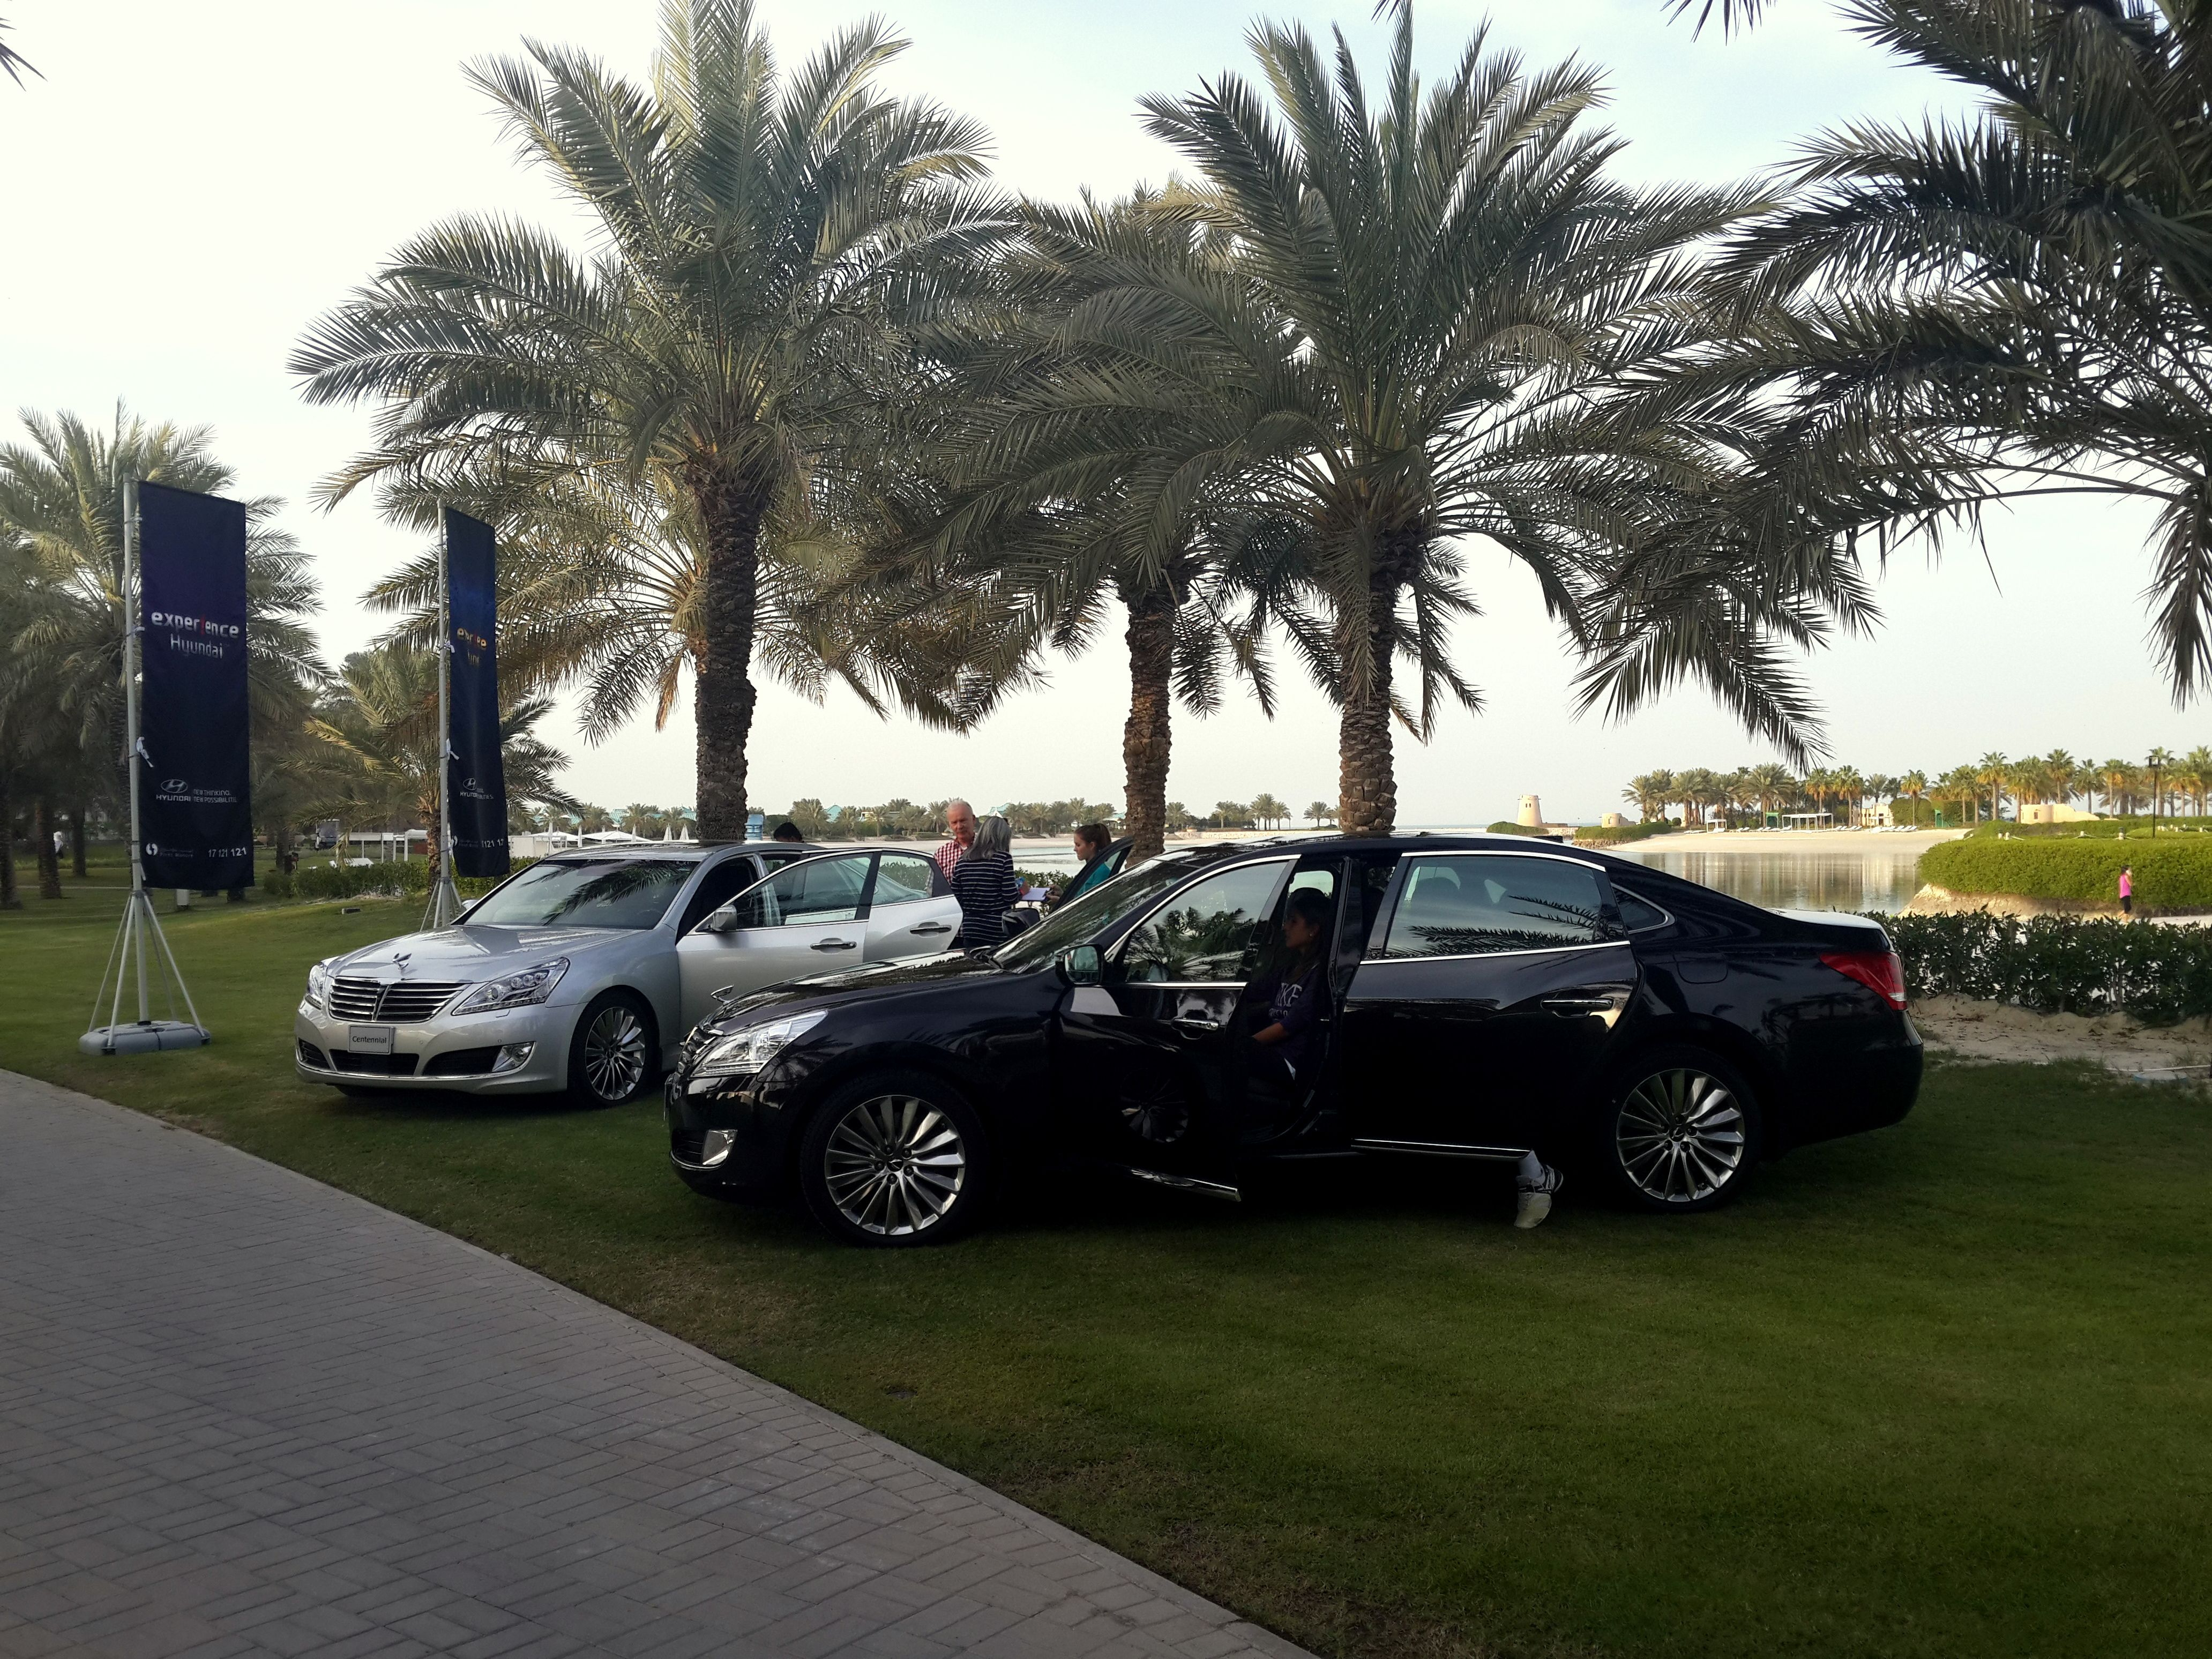 Hyundai Centennial at the Ritz Carlton Tennis tournaments